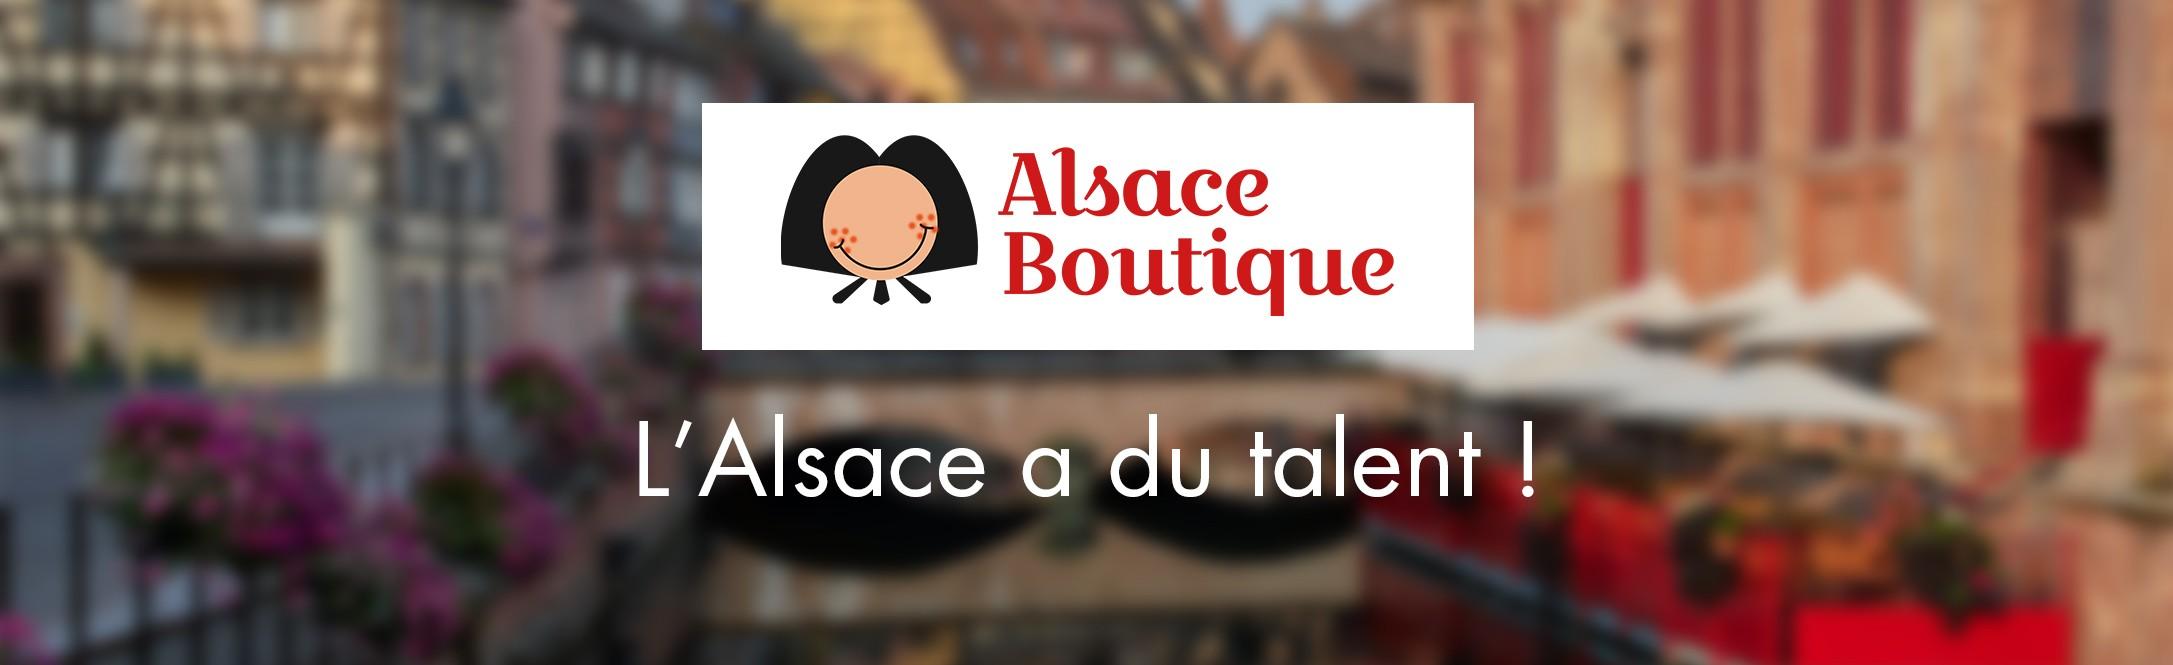 Alsace Boutique - Créateurs - Alsace